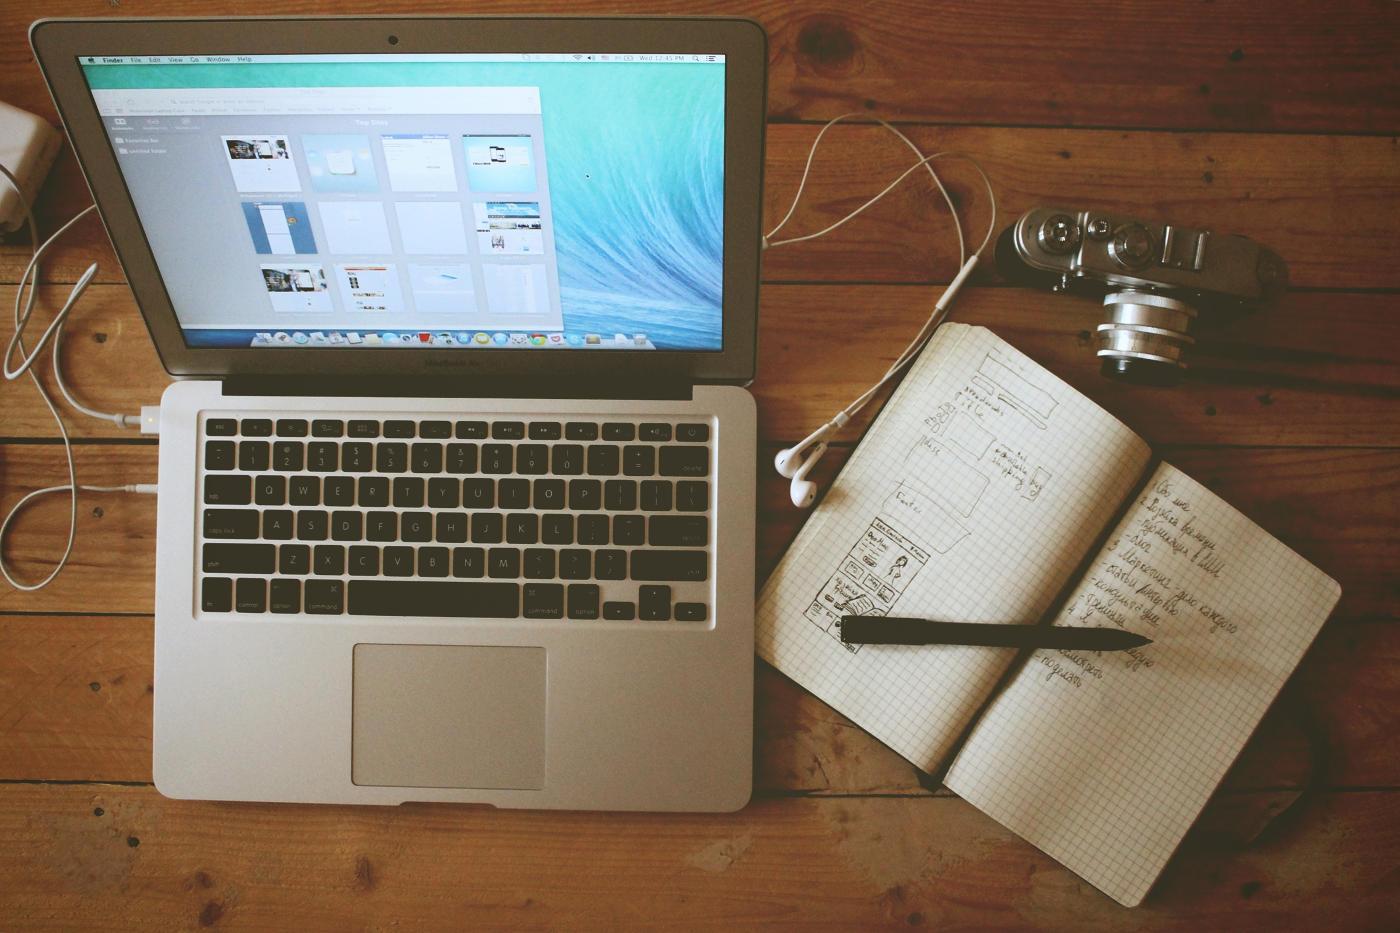 Zápisník, fotoaparát a Macbook ležiaci na stole